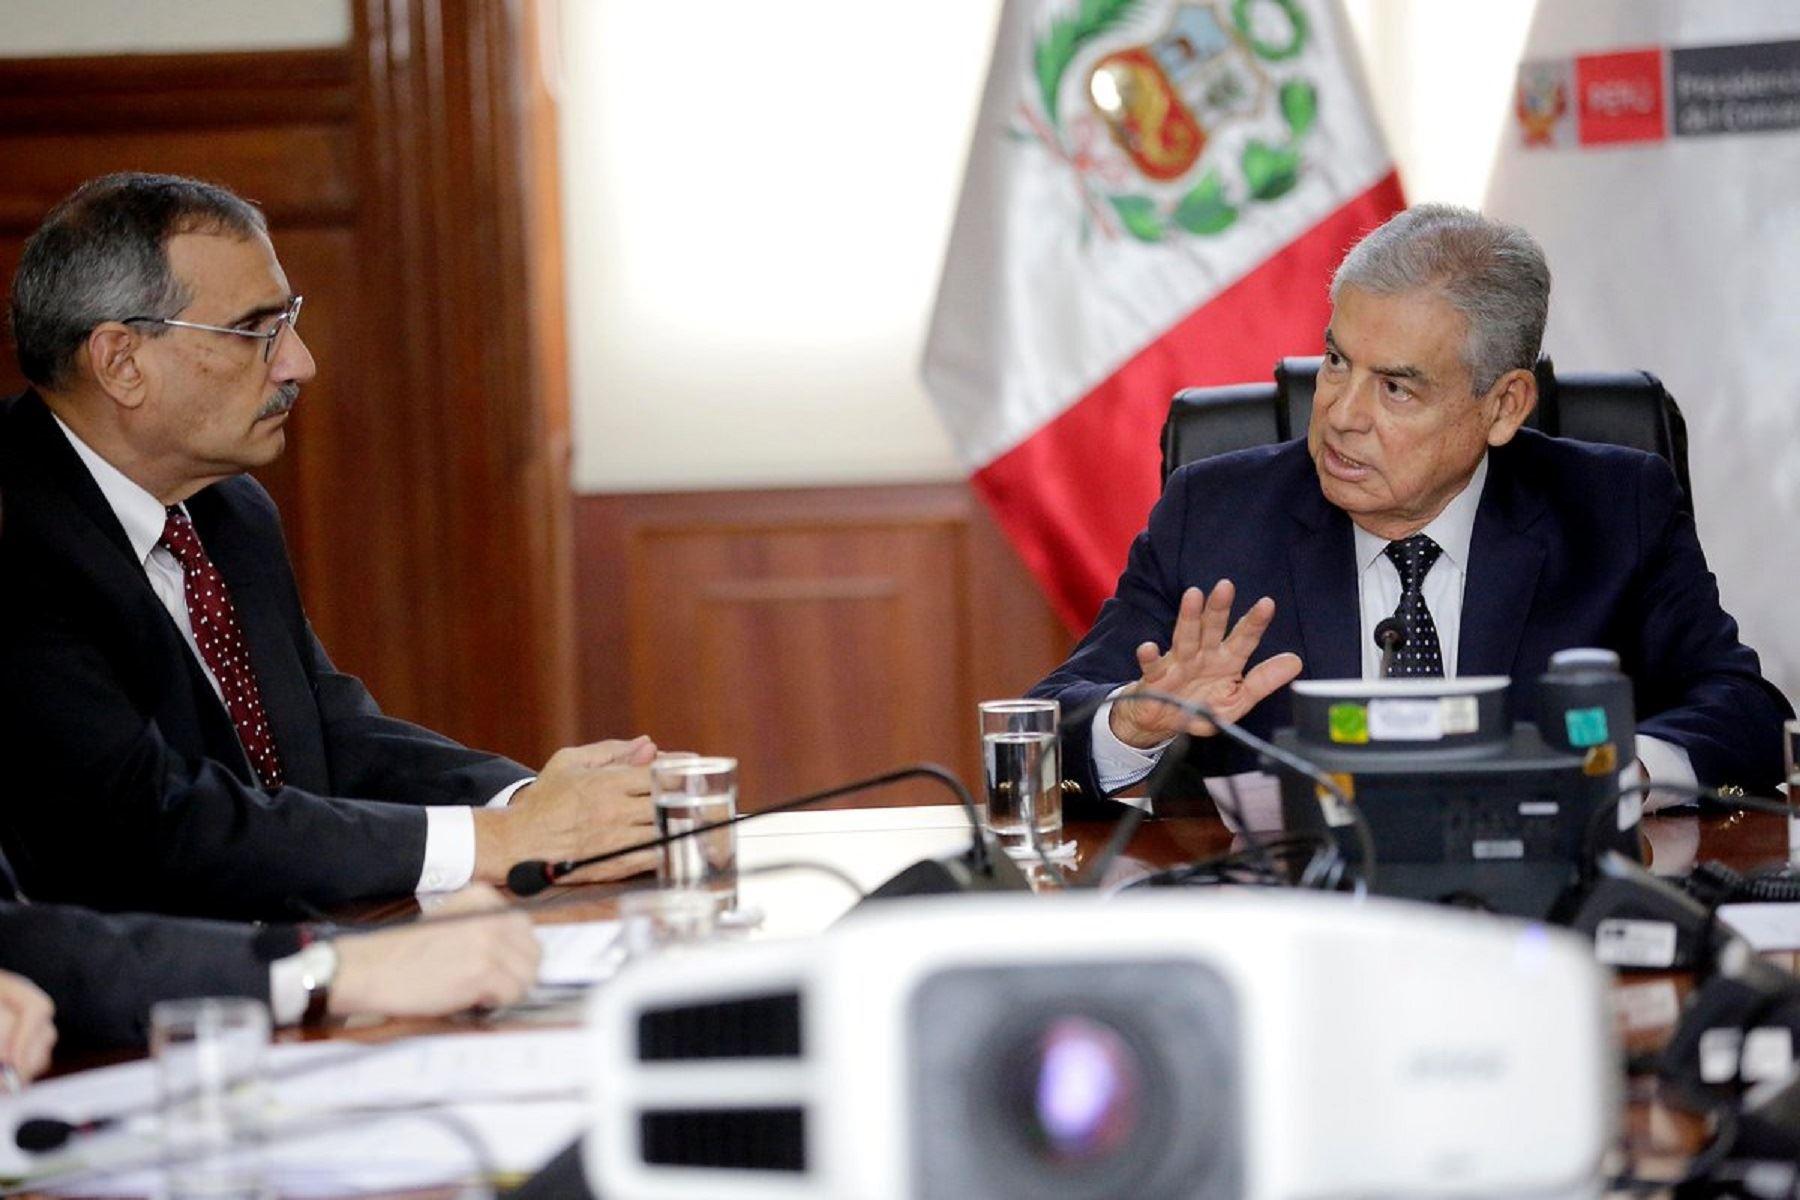 Titular del Consejo de Ministros, César Villanueva y el embajador de los Estados Unidos en el Perú, Krishna R. Urs. Foto: Consejo de Ministros.